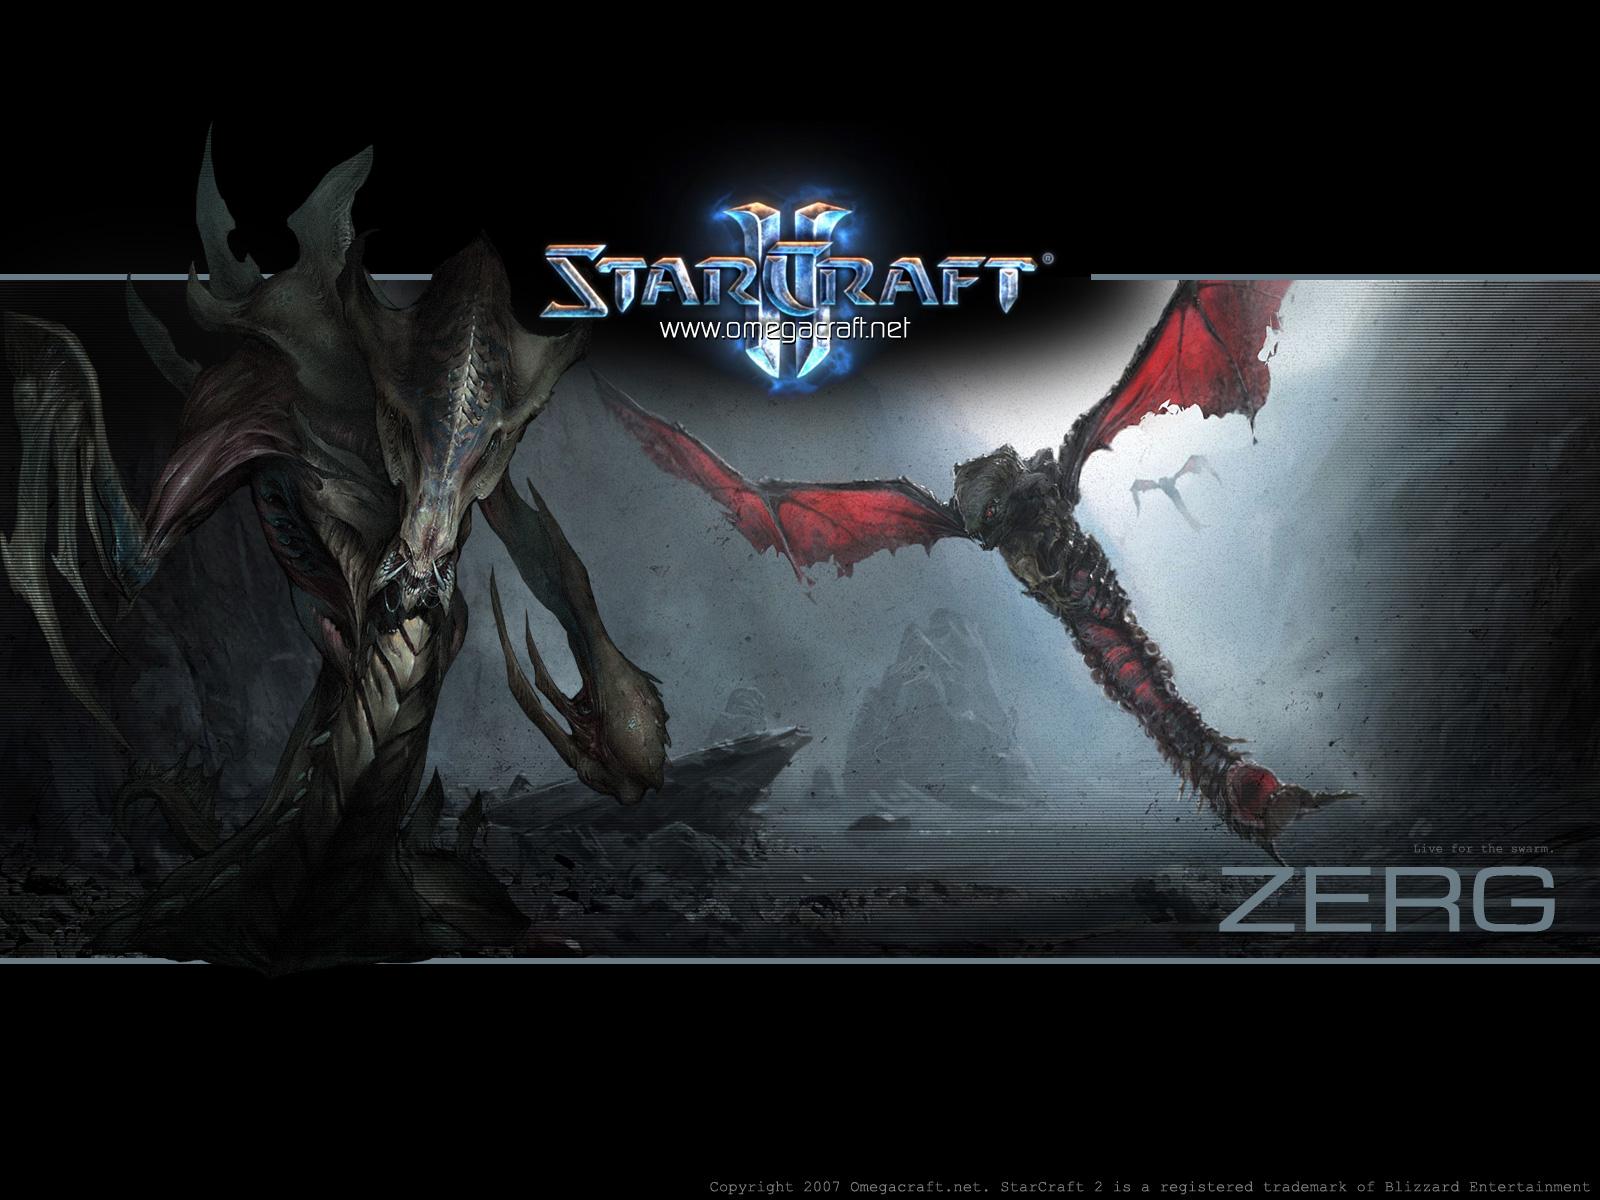 http://3.bp.blogspot.com/_zlvACsj-WqM/TI7p2_MvgaI/AAAAAAAAAXA/KAvgQPhVw90/s1600/Starcraft_2_Zerg_Wallpaper_by_maul.jpg